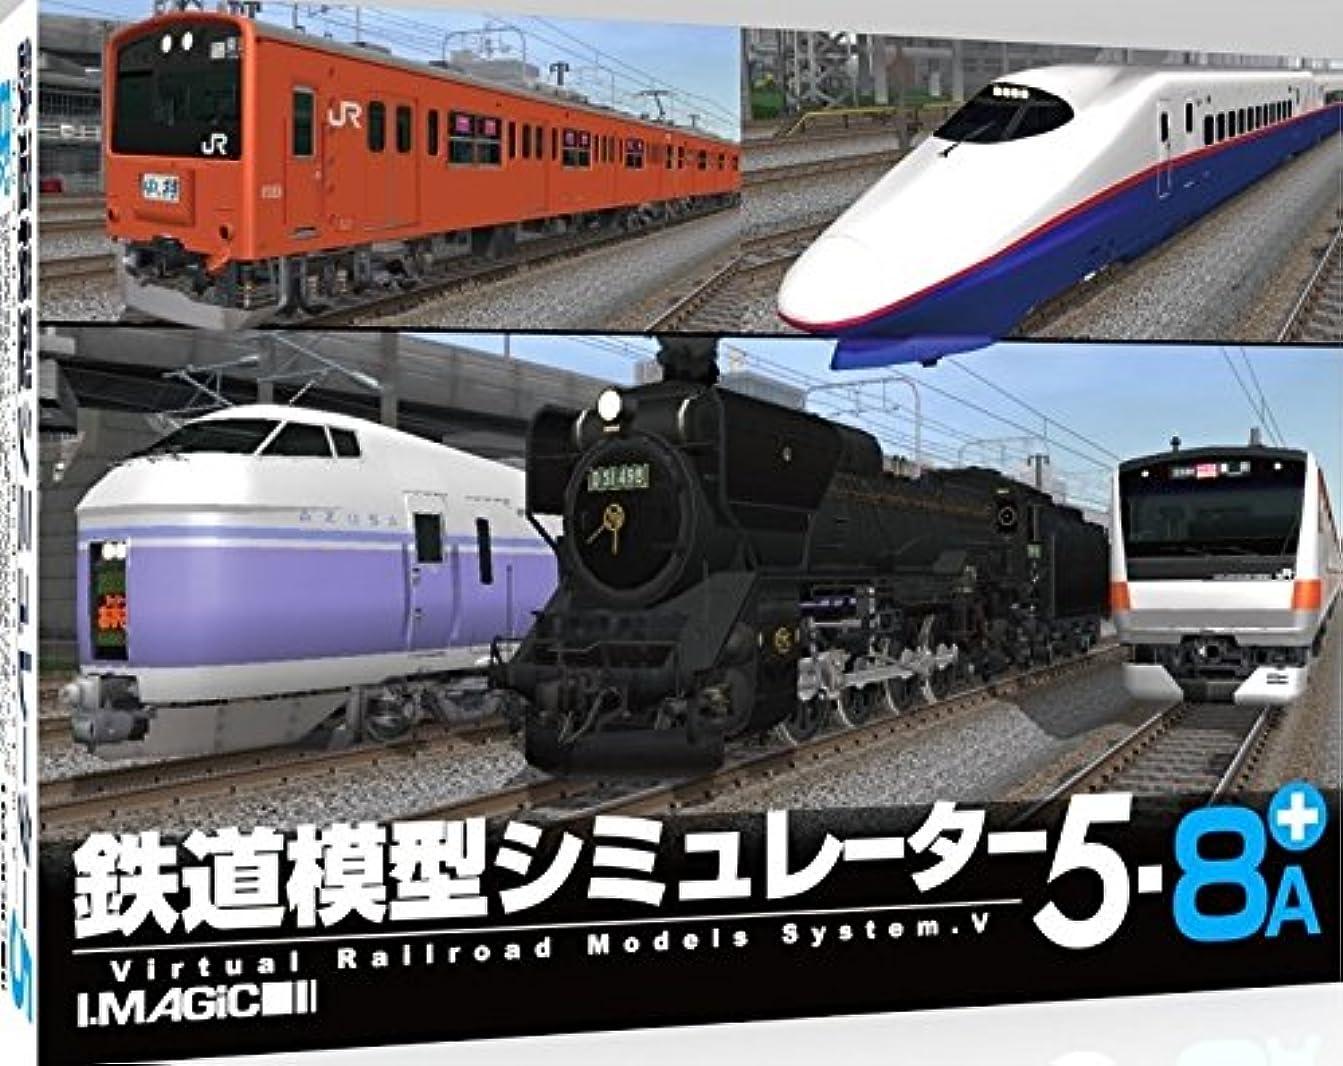 生産的難しい騒乱鉄道模型シミュレーター5-8A+